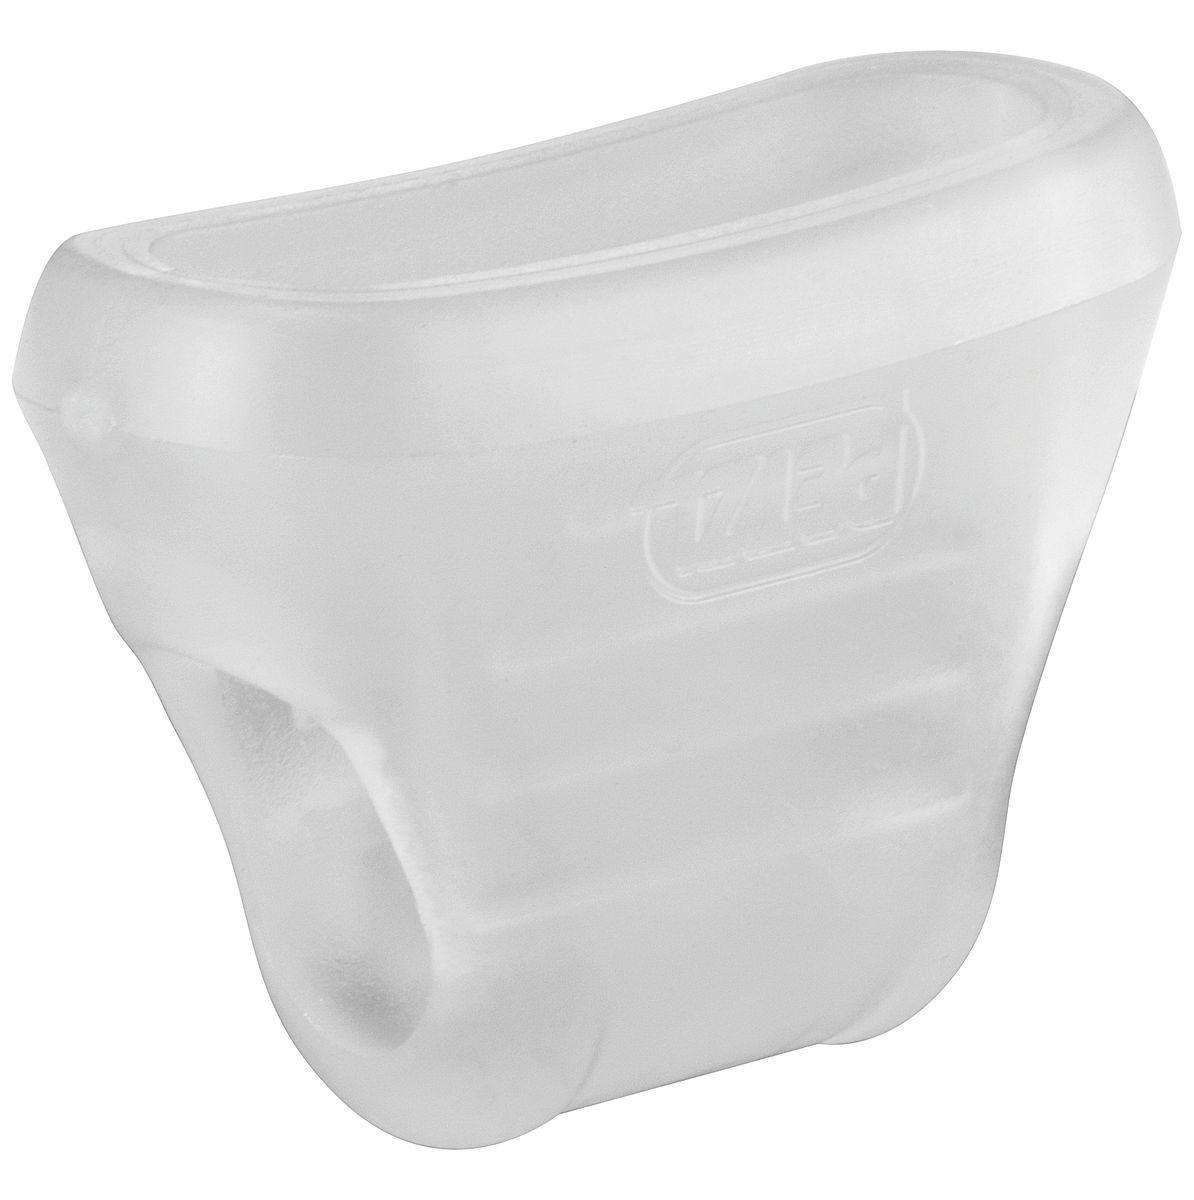 String XL - Acessório Transparente para Manter Mosquetão Posicionado Tam GG (Pacote com 10) Petzl